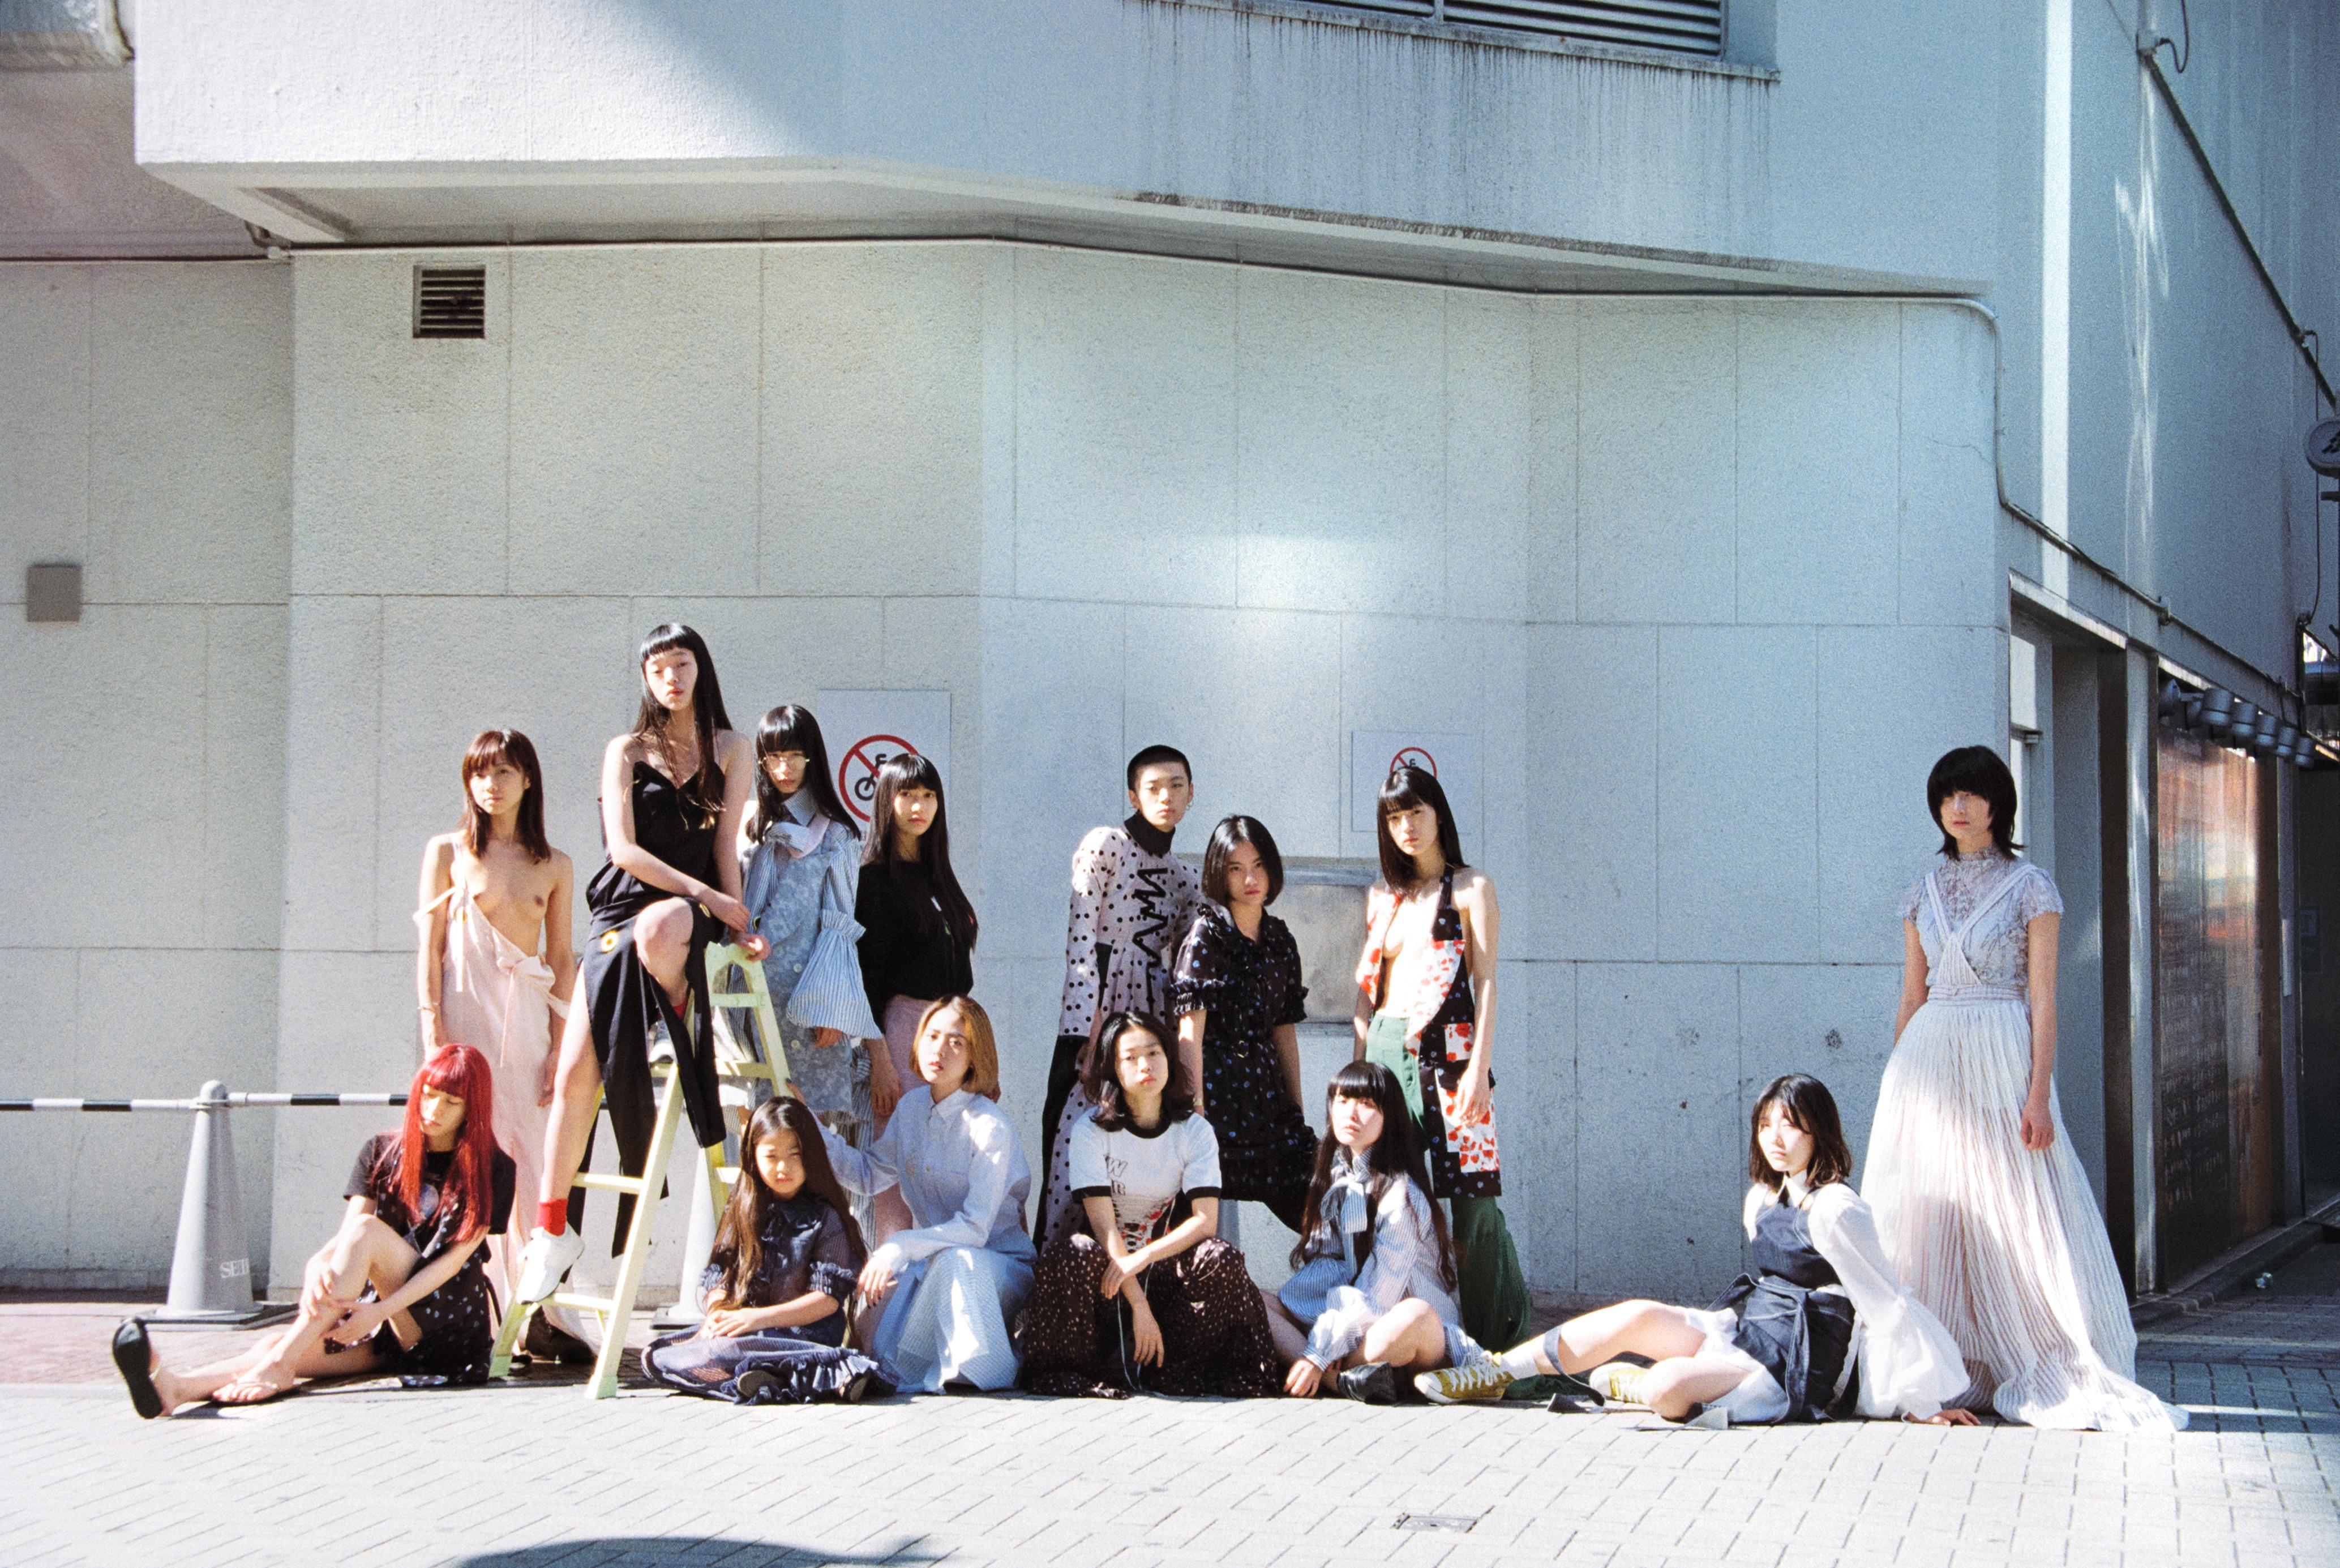 オンナのコは誰だってキレイ・田口まき個展「Beautiful Escape」【今週のおすすめアート】